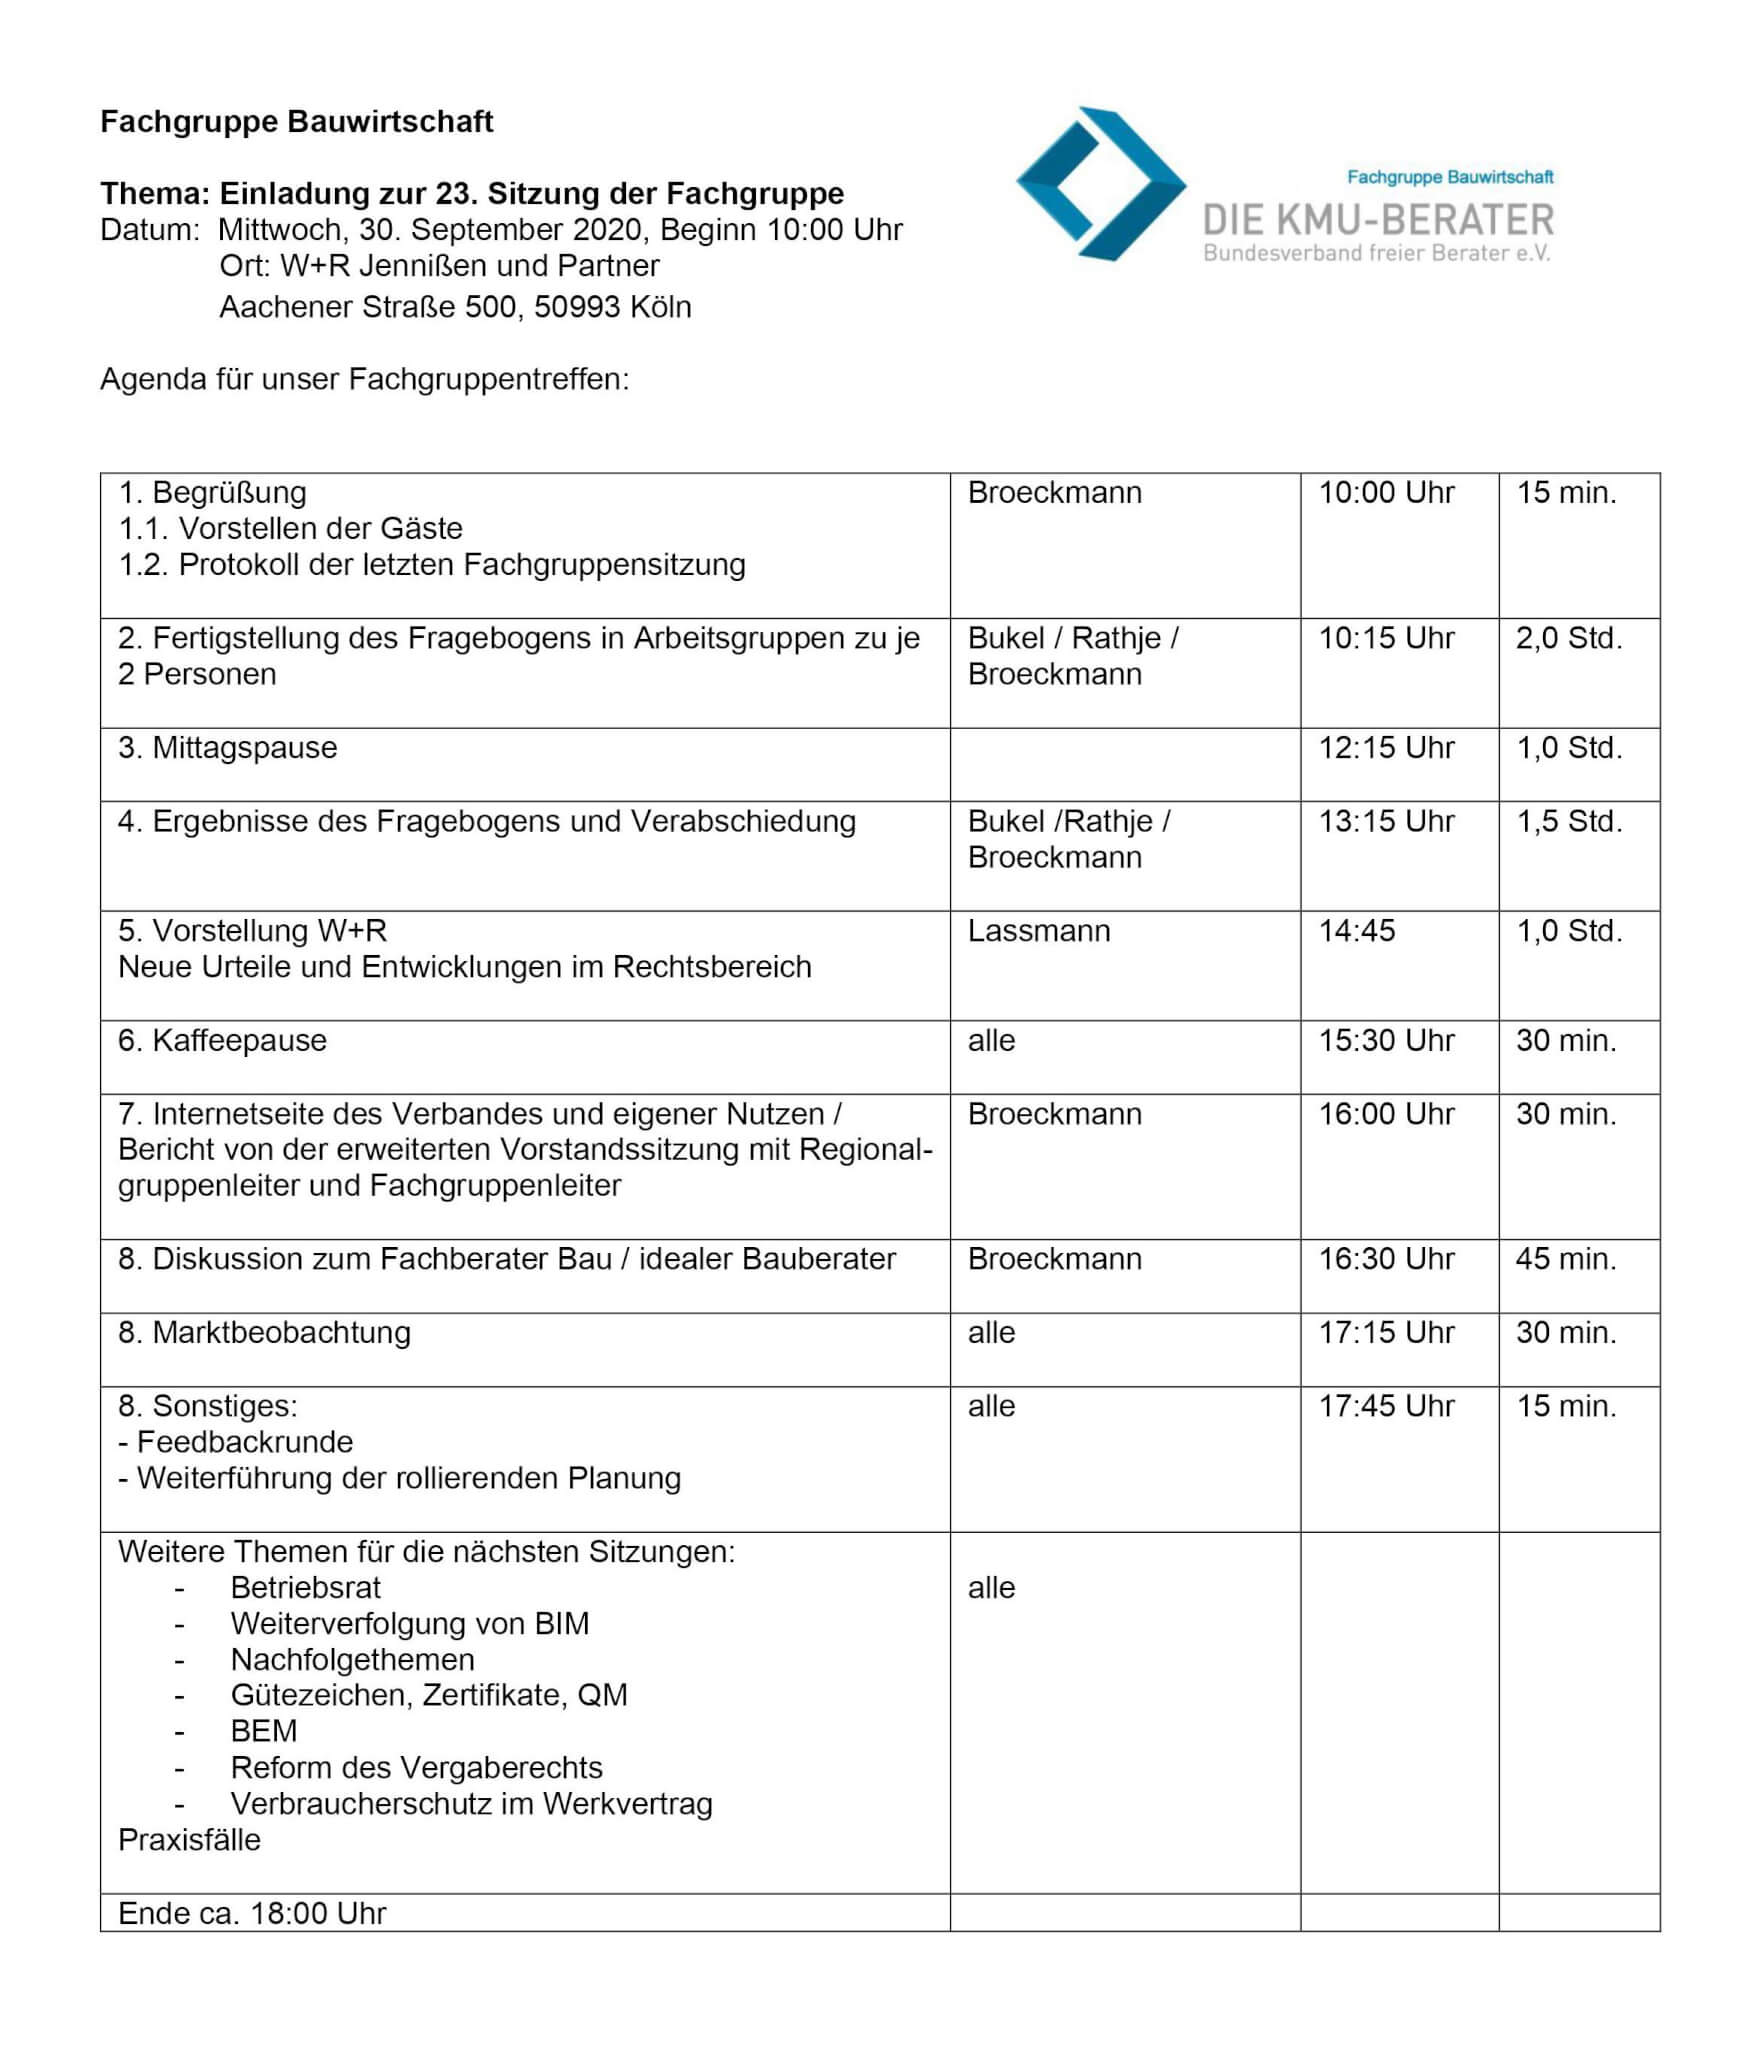 Agenda 23. Tagung der Fachgruppe Bauwirtschaft